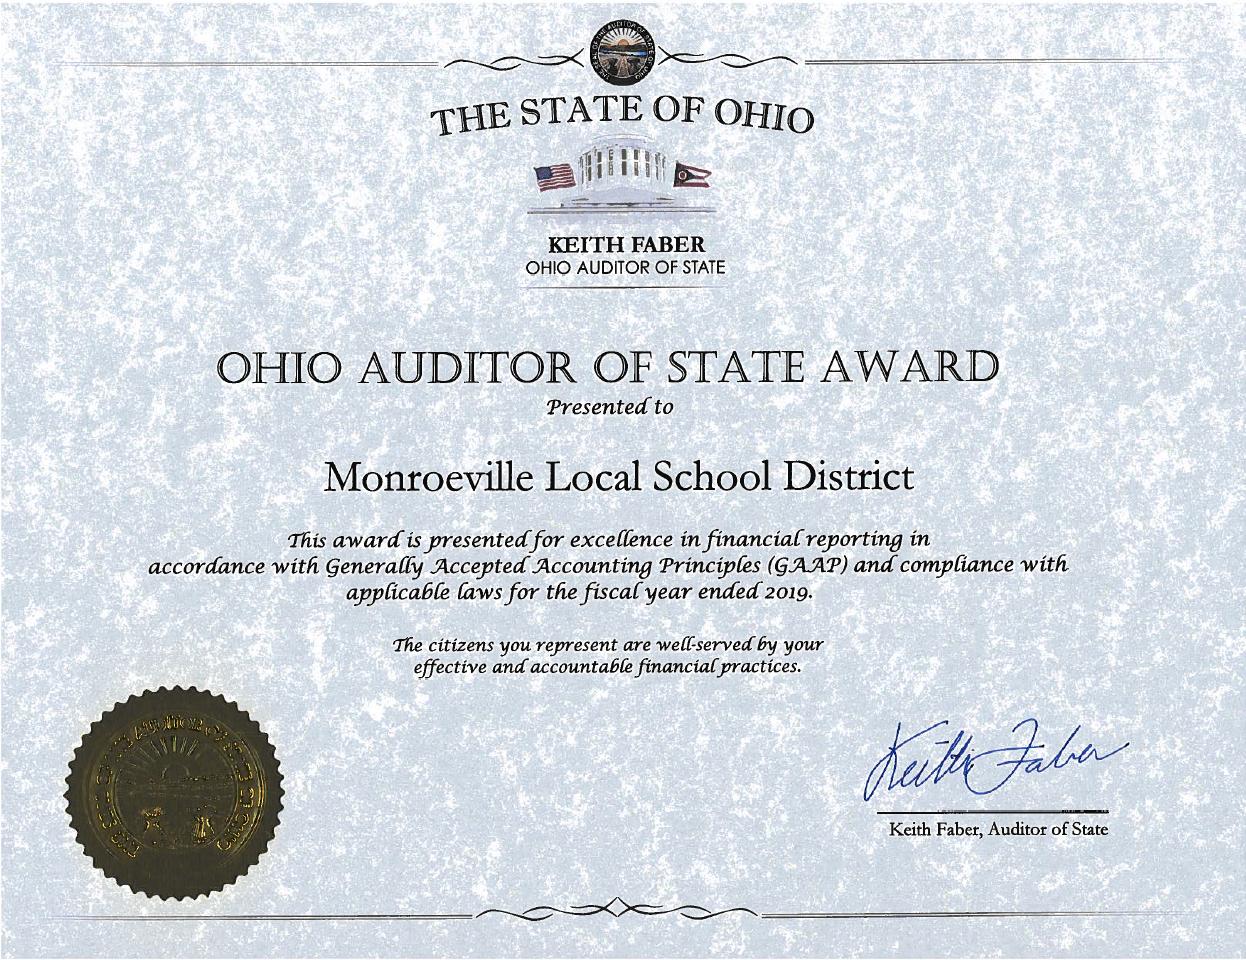 ohio auditor of state award